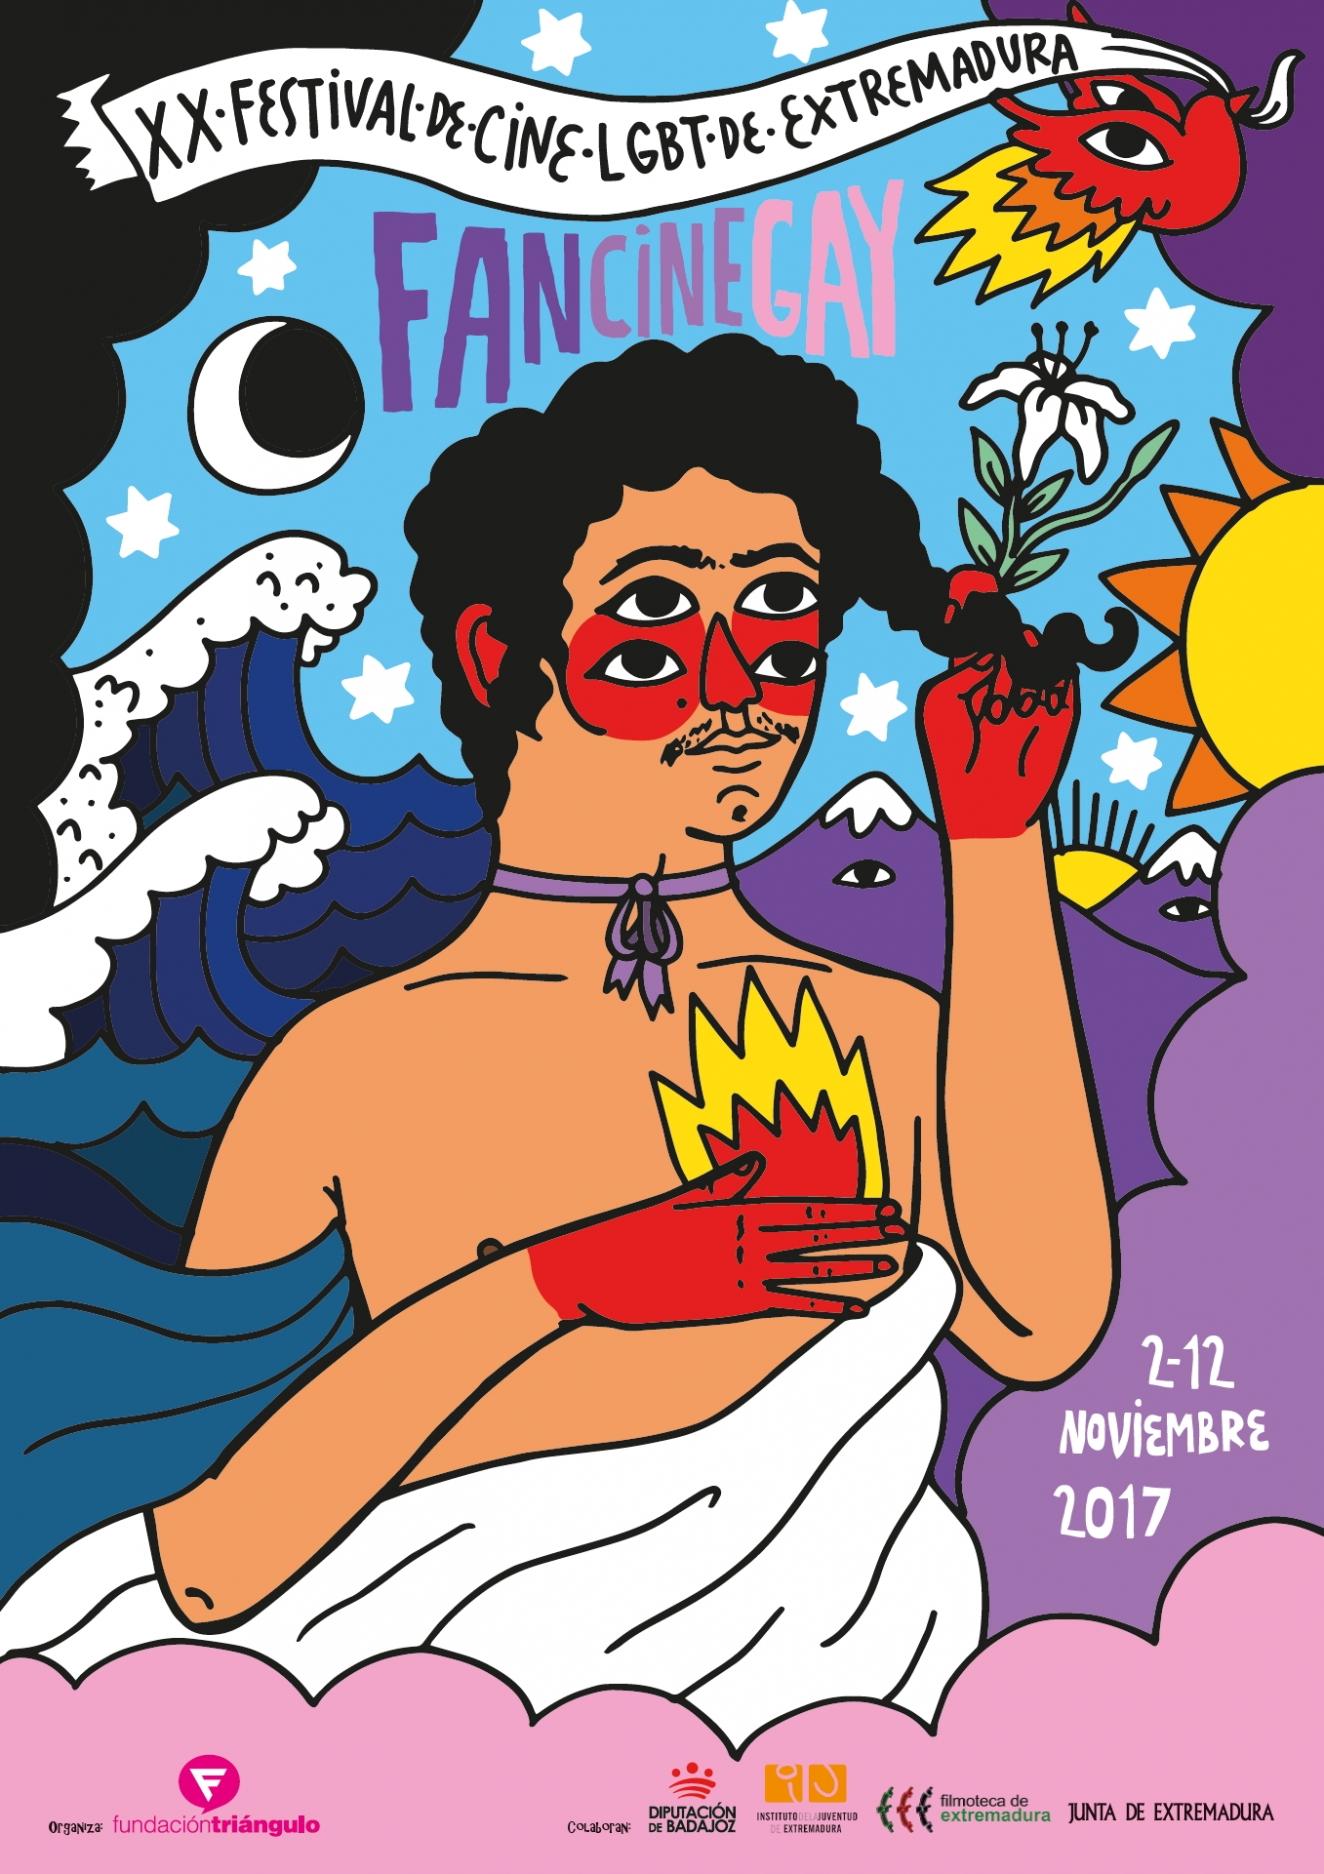 FANCINEGAY // del 2 al 12 de Noviembre // XX Festival de Cine LGBT de Extremadura